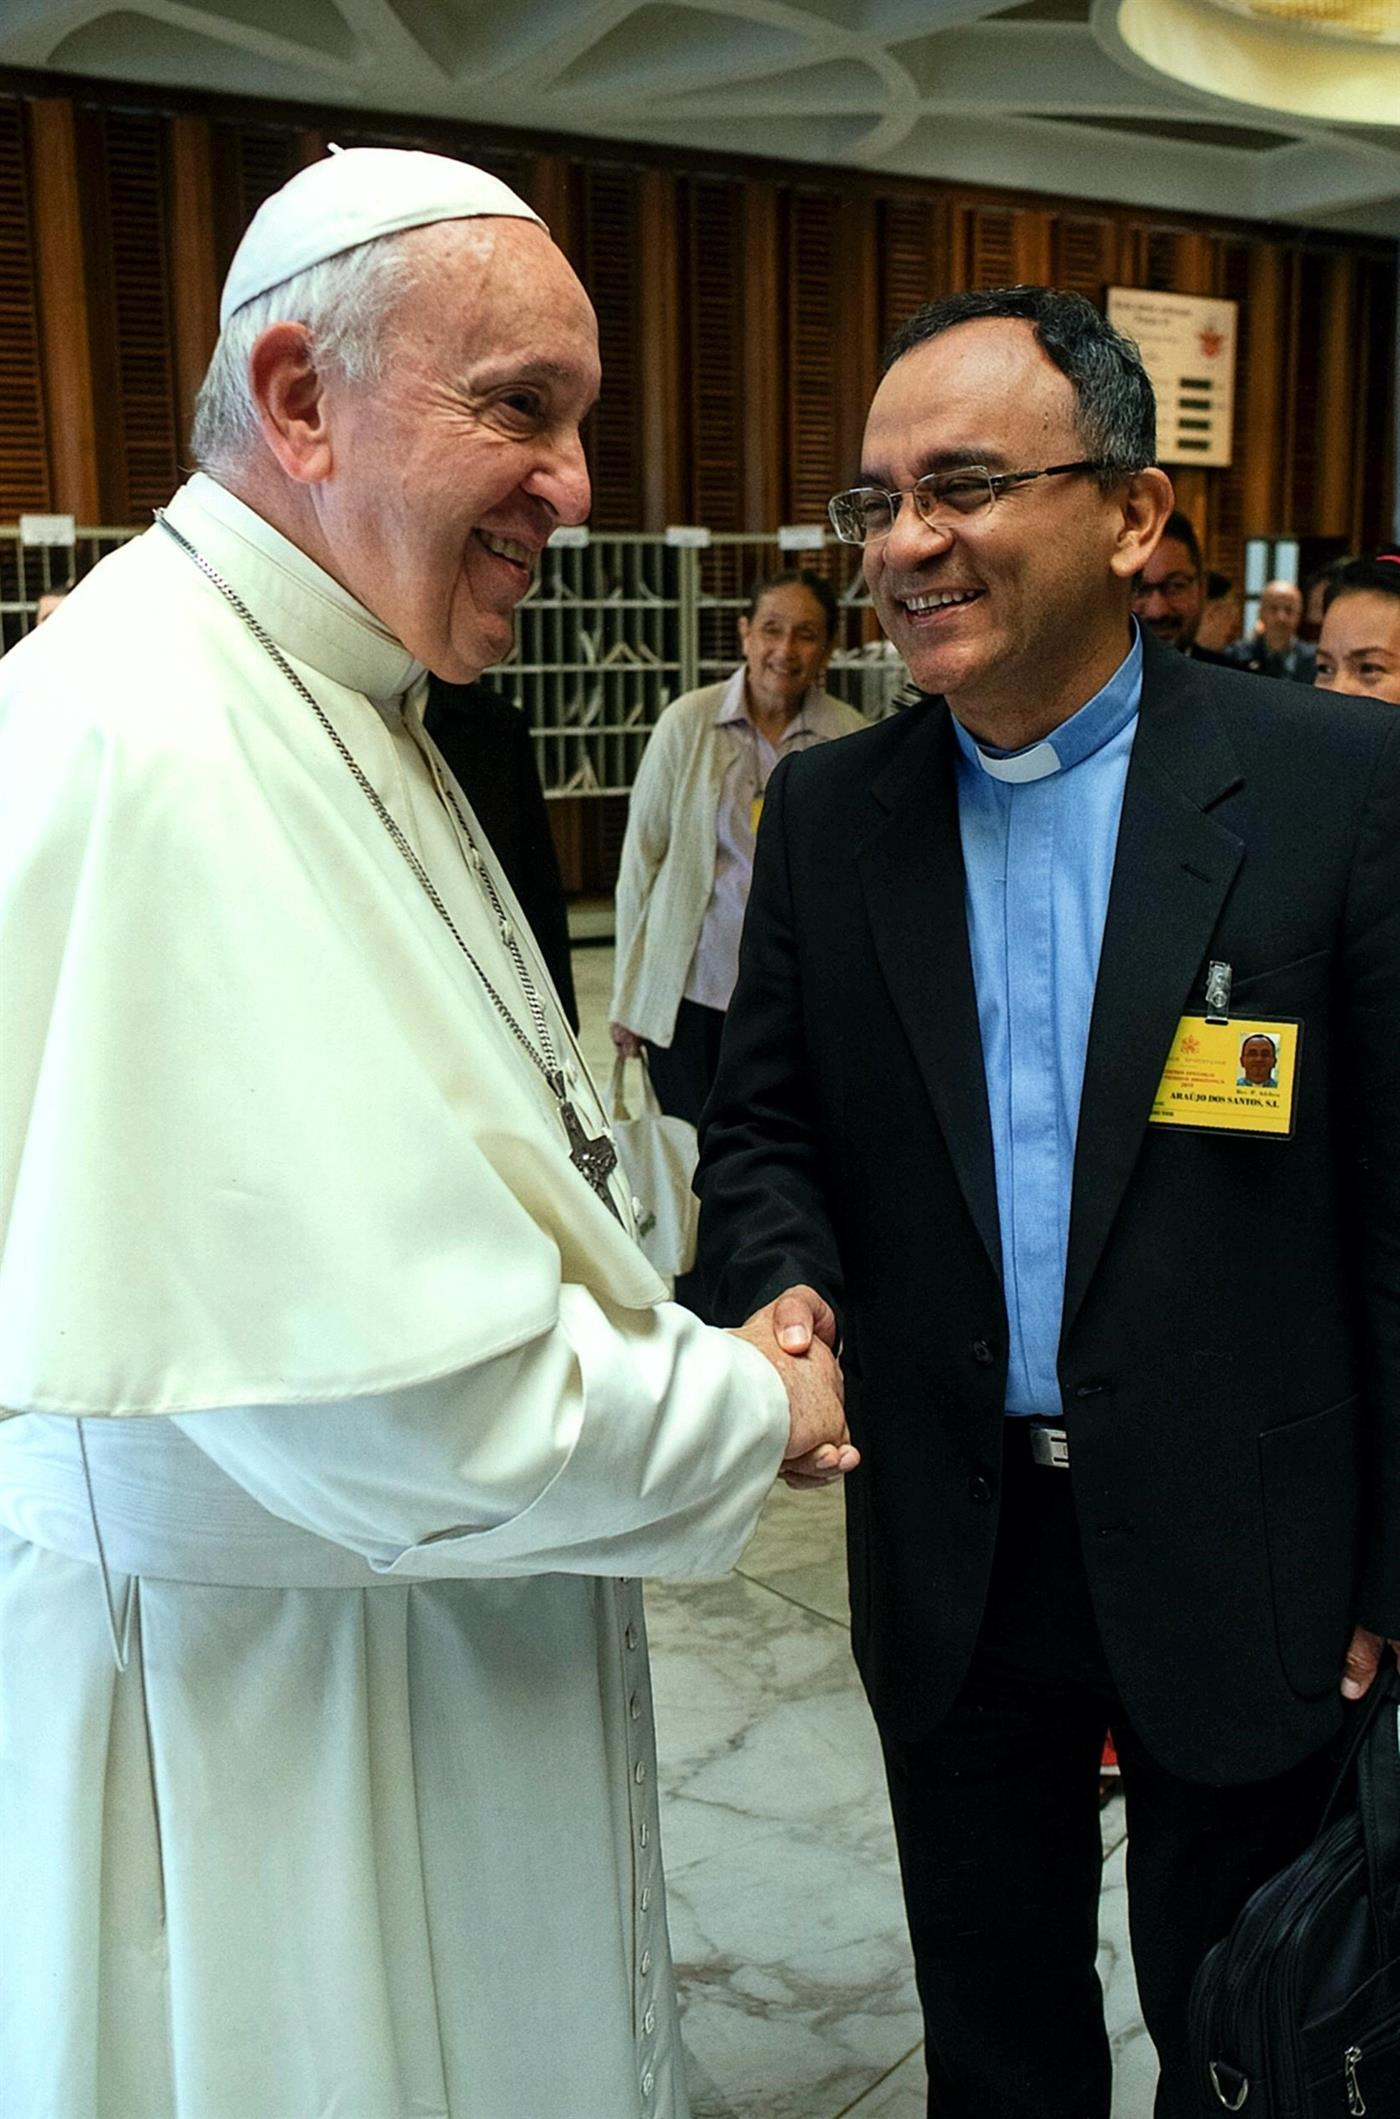 Padre Adelson conheceu o Papa Francisco em 2013, durante a Jornada Mundial da Juventude, logo na altura